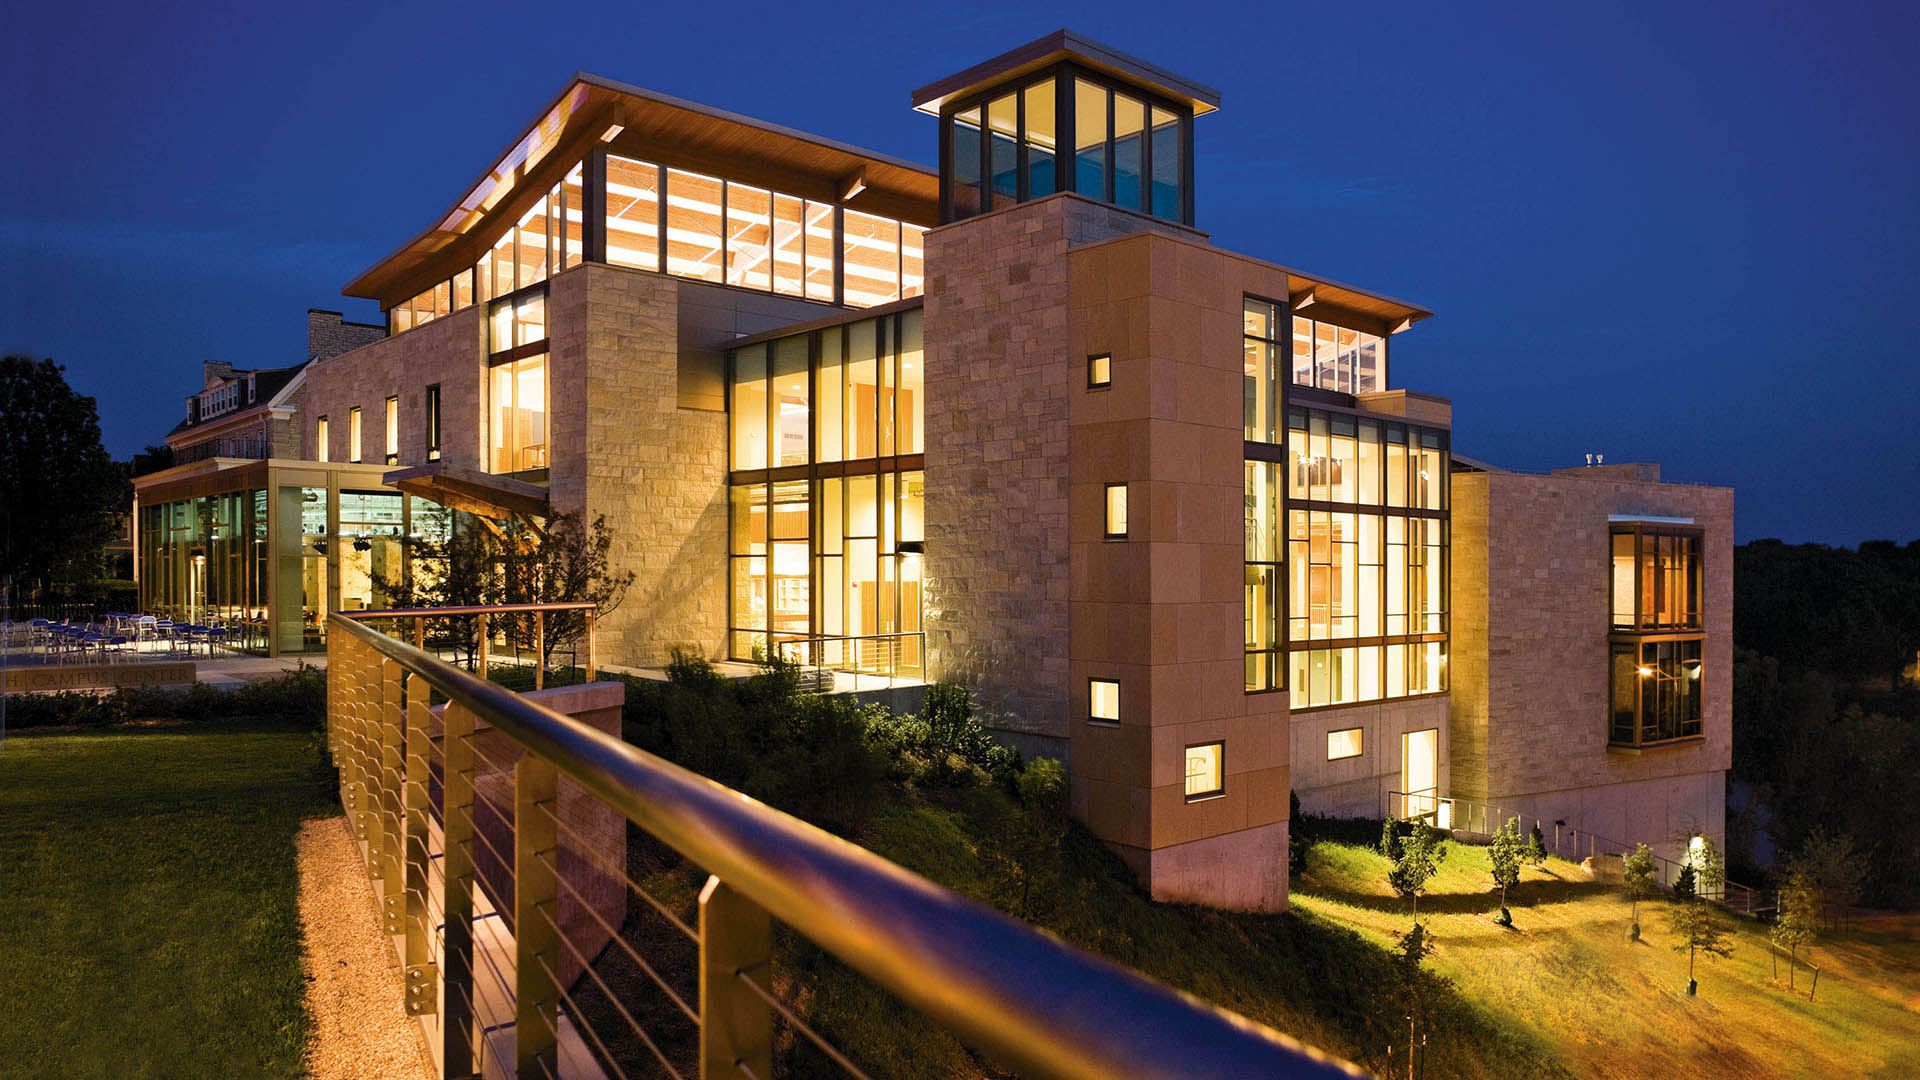 Homepage - UWRS | Uihlein/Wilson – Ramlow/Stein Architects